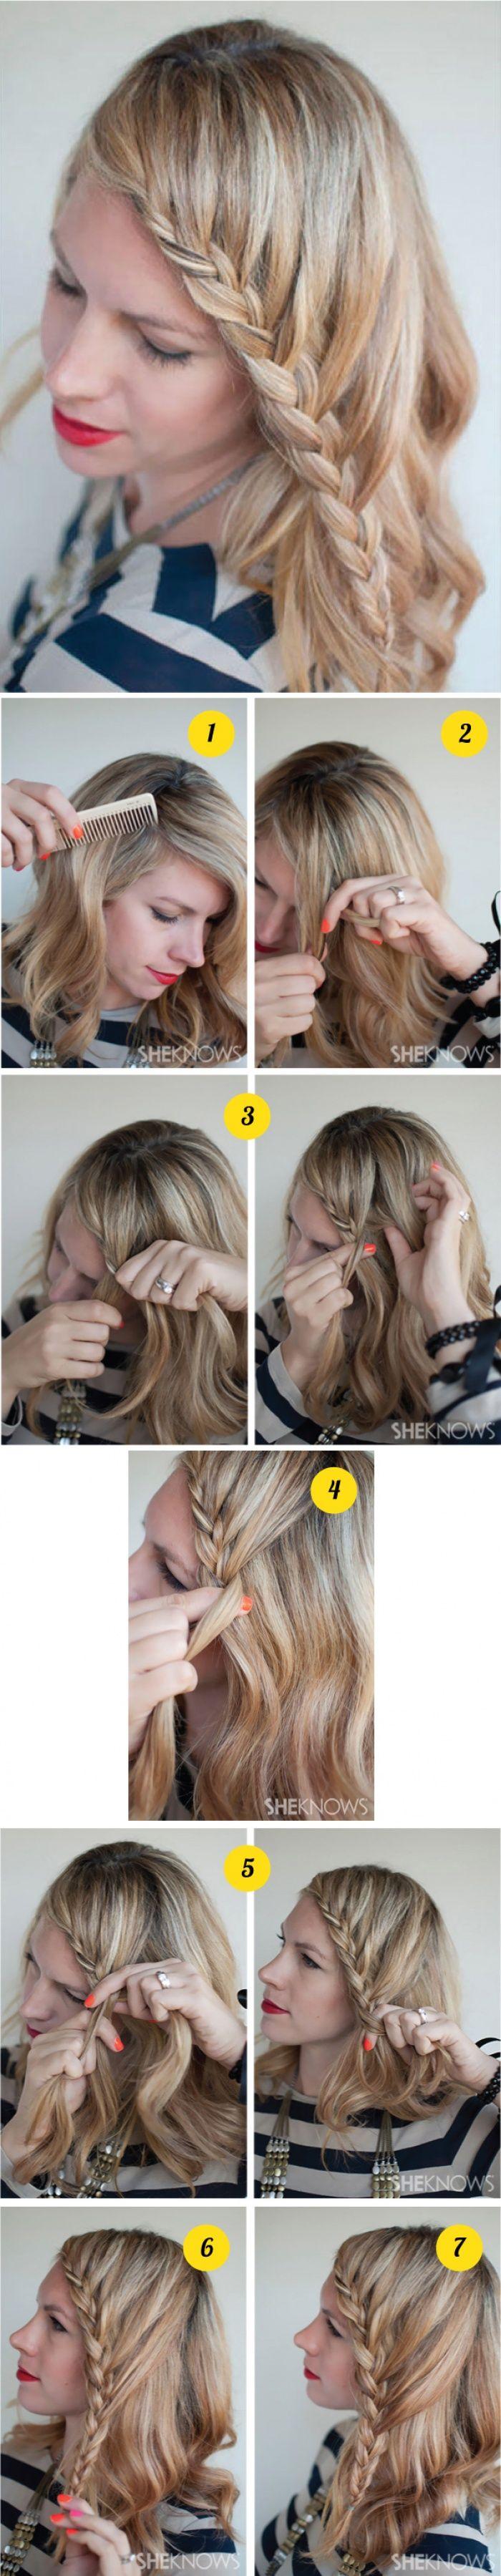 Кружевная тесьма косой (французская коса) → Фото-урок + описание